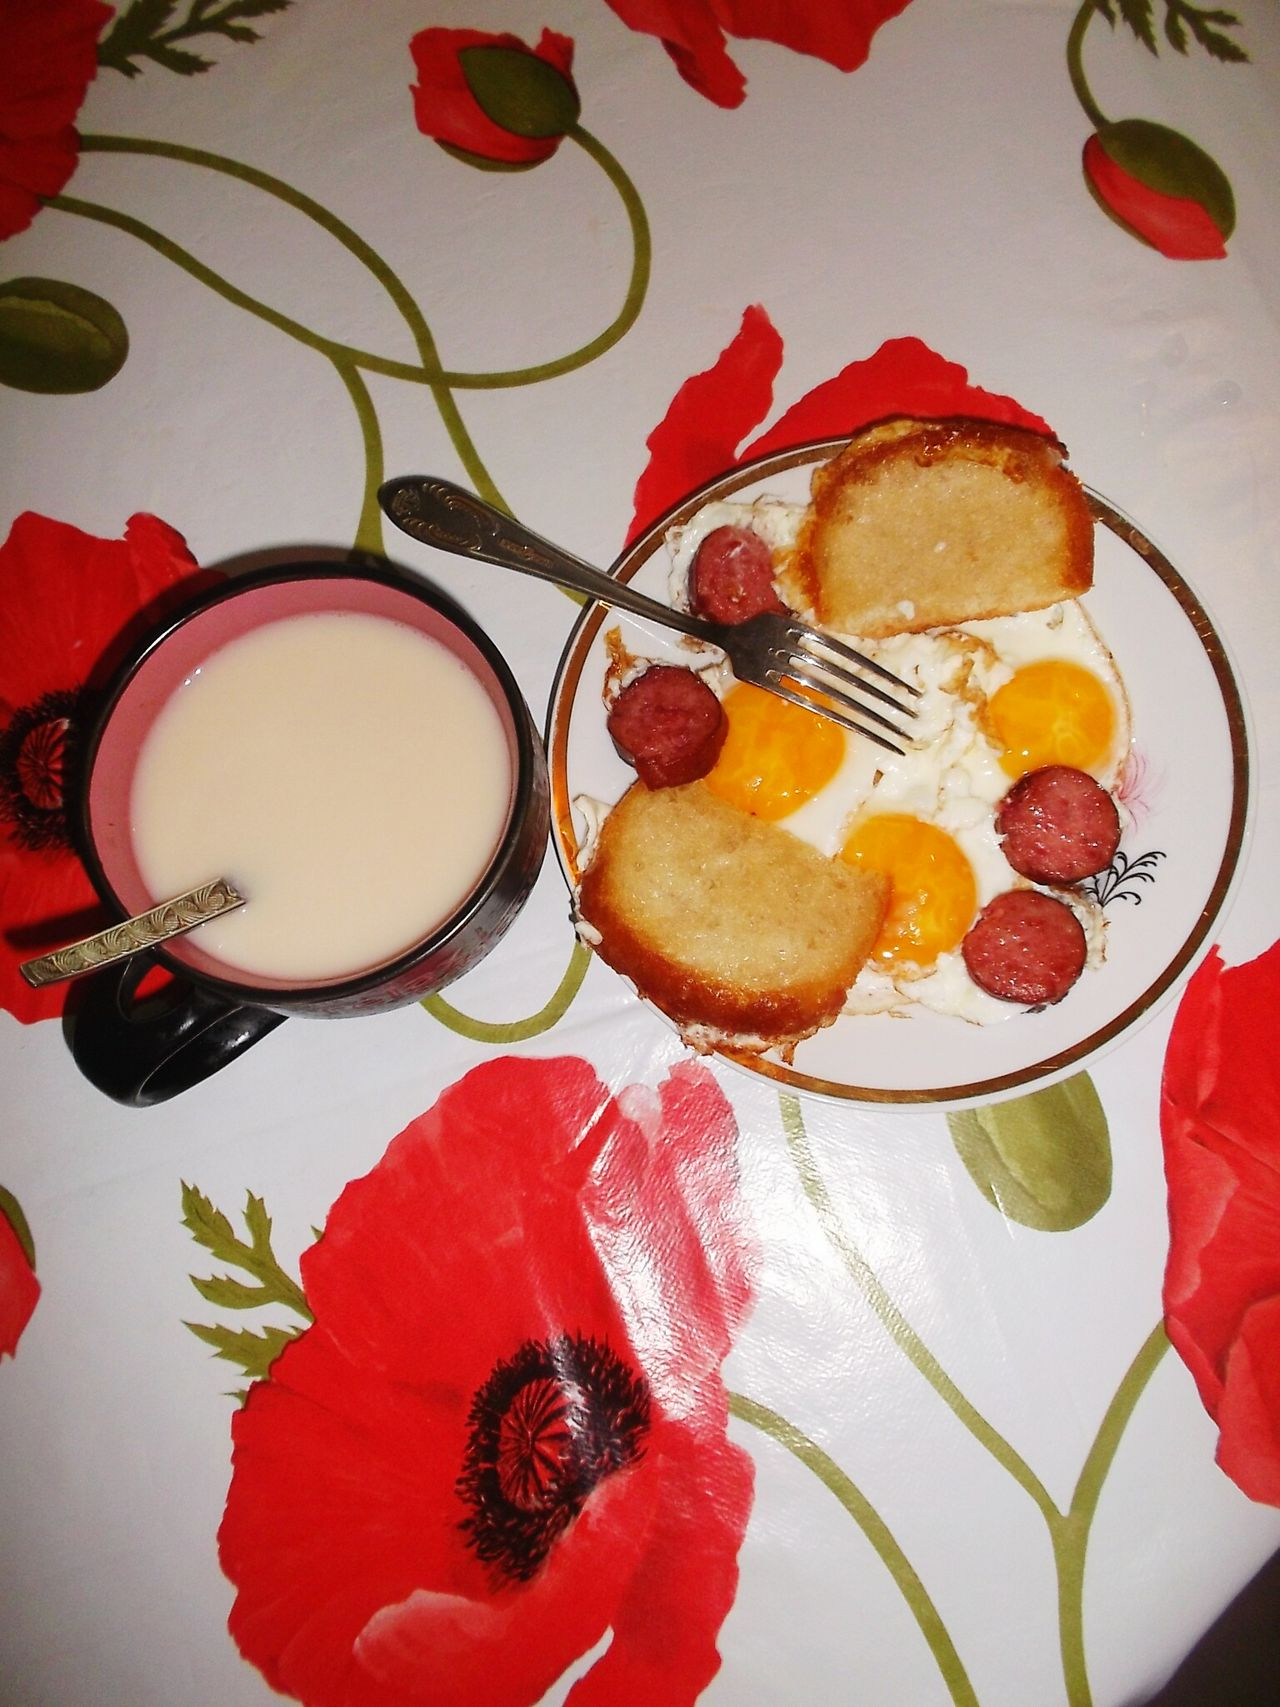 Лучший завтрак в мире. Жаренные яйца с колбасой яйца колбаска утро✌️ отличное настроение